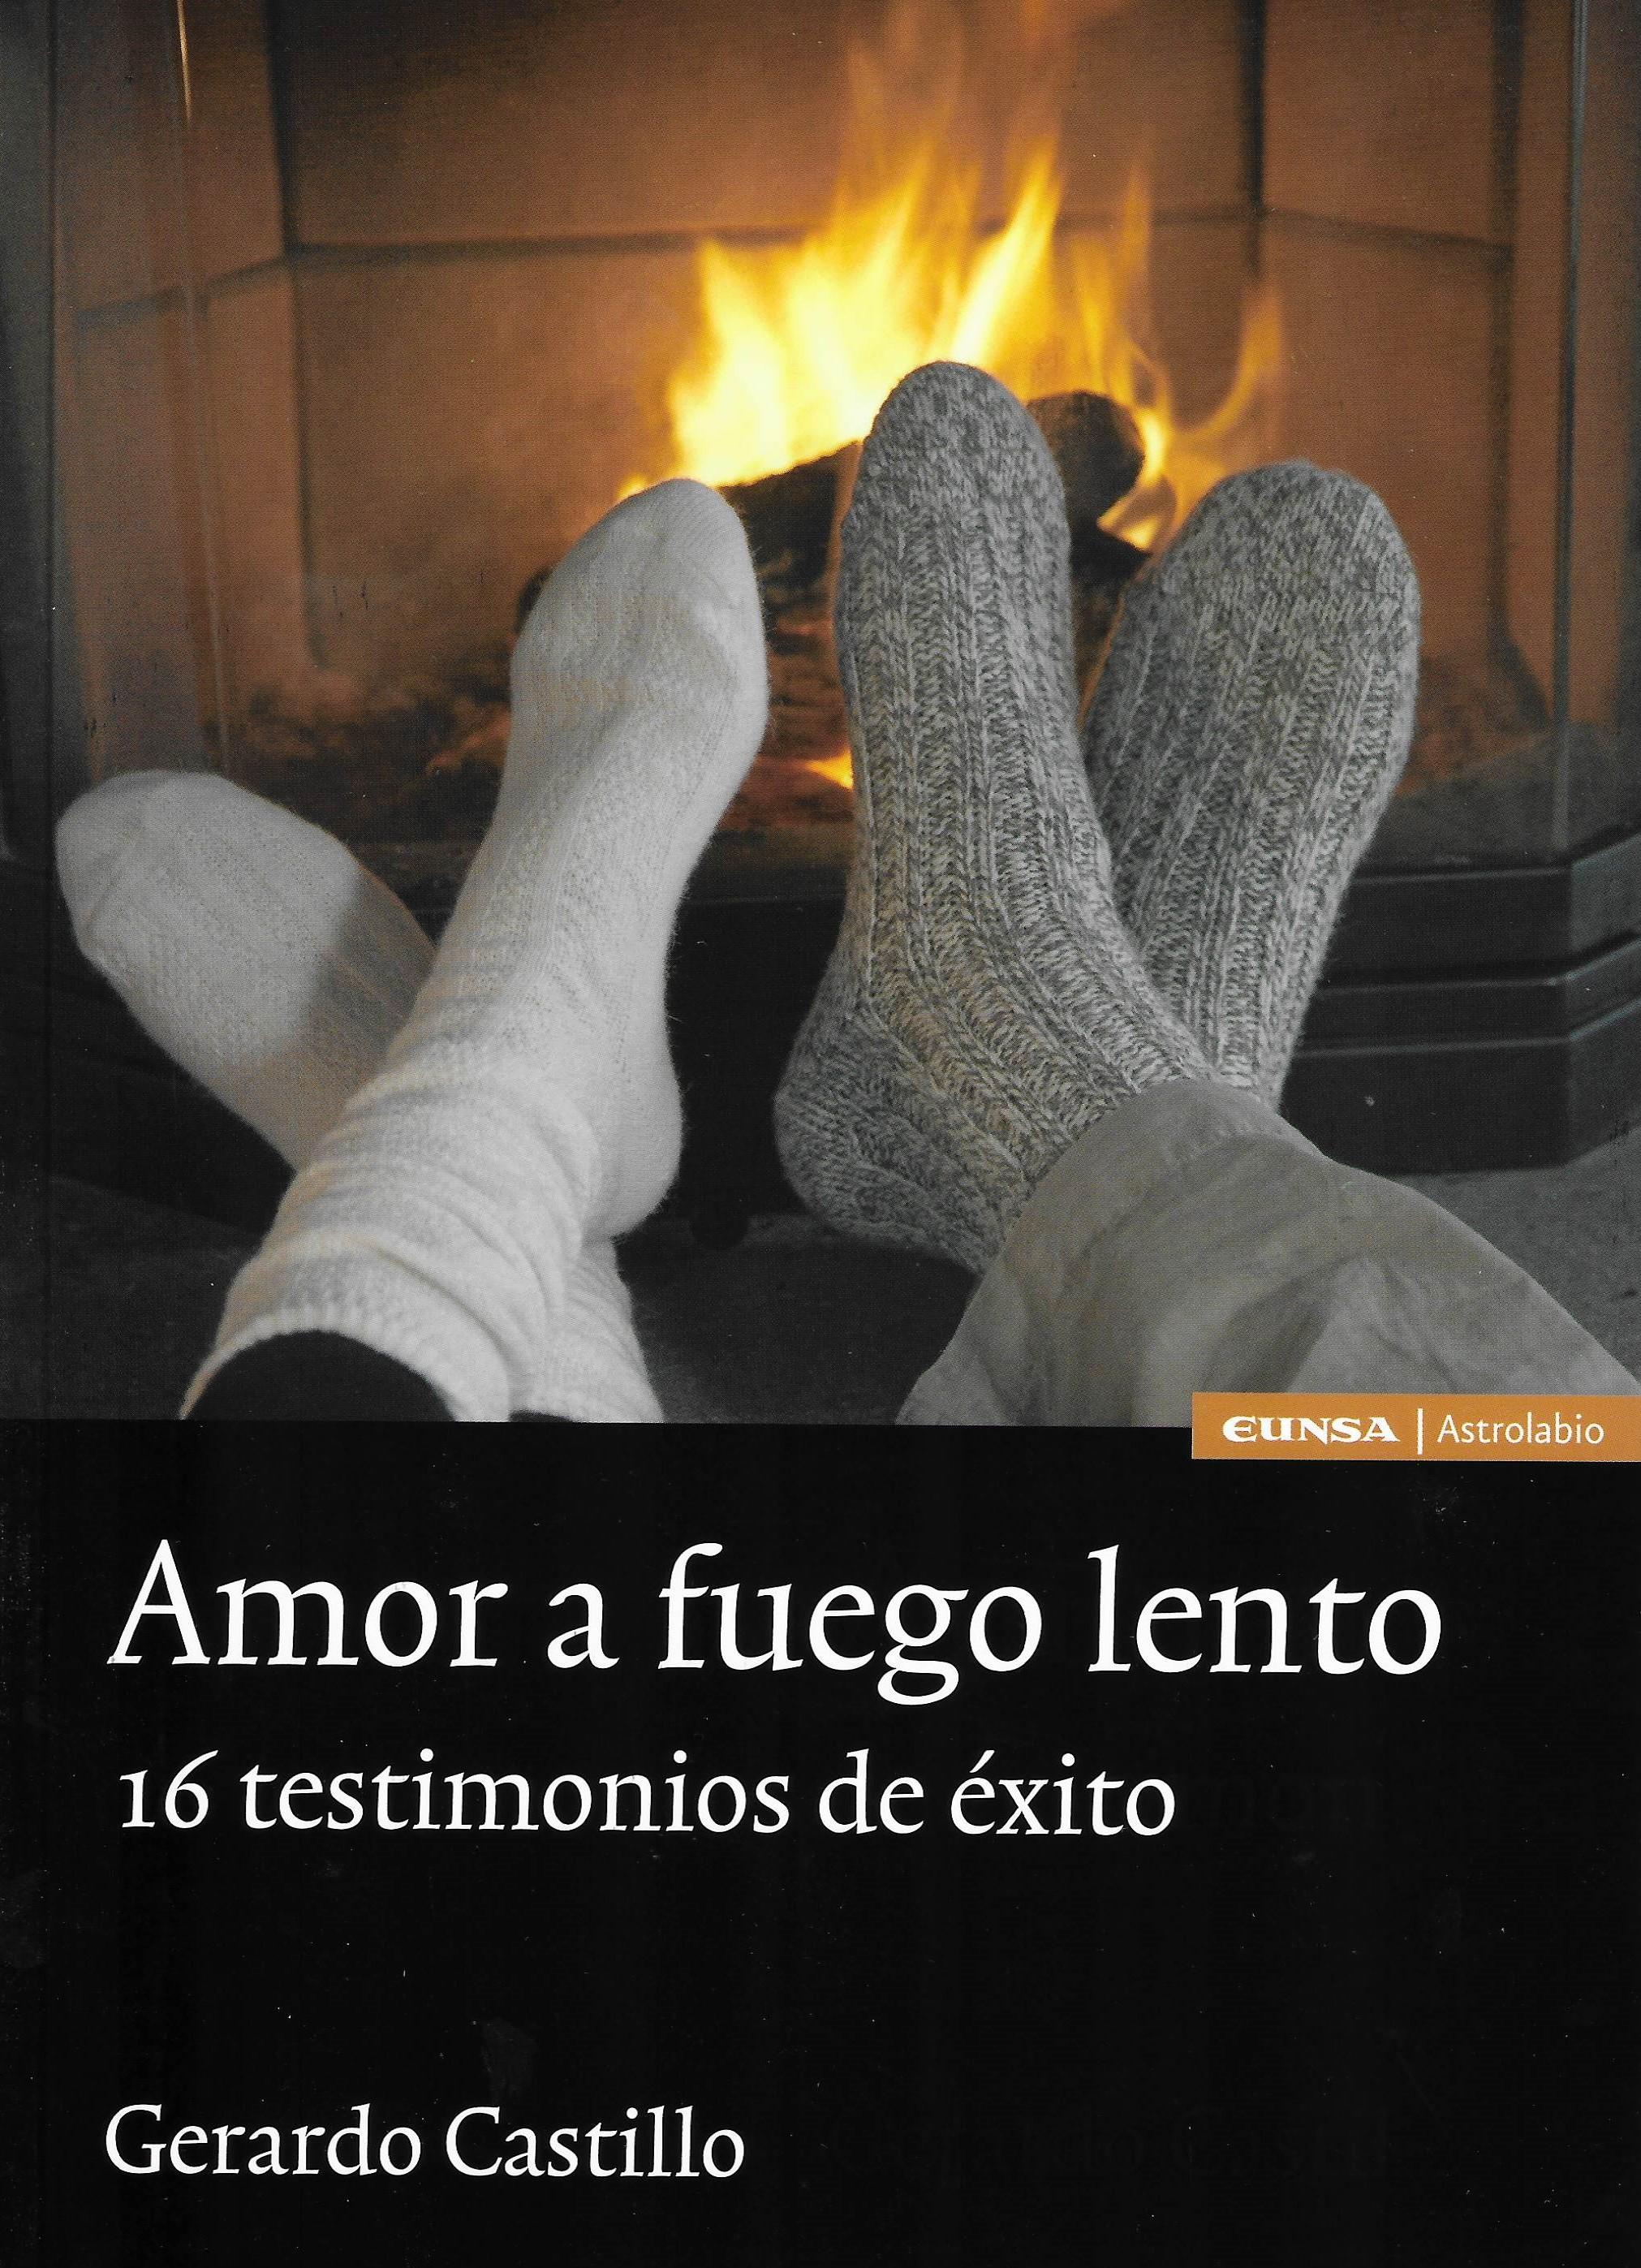 Amor a fuego lento